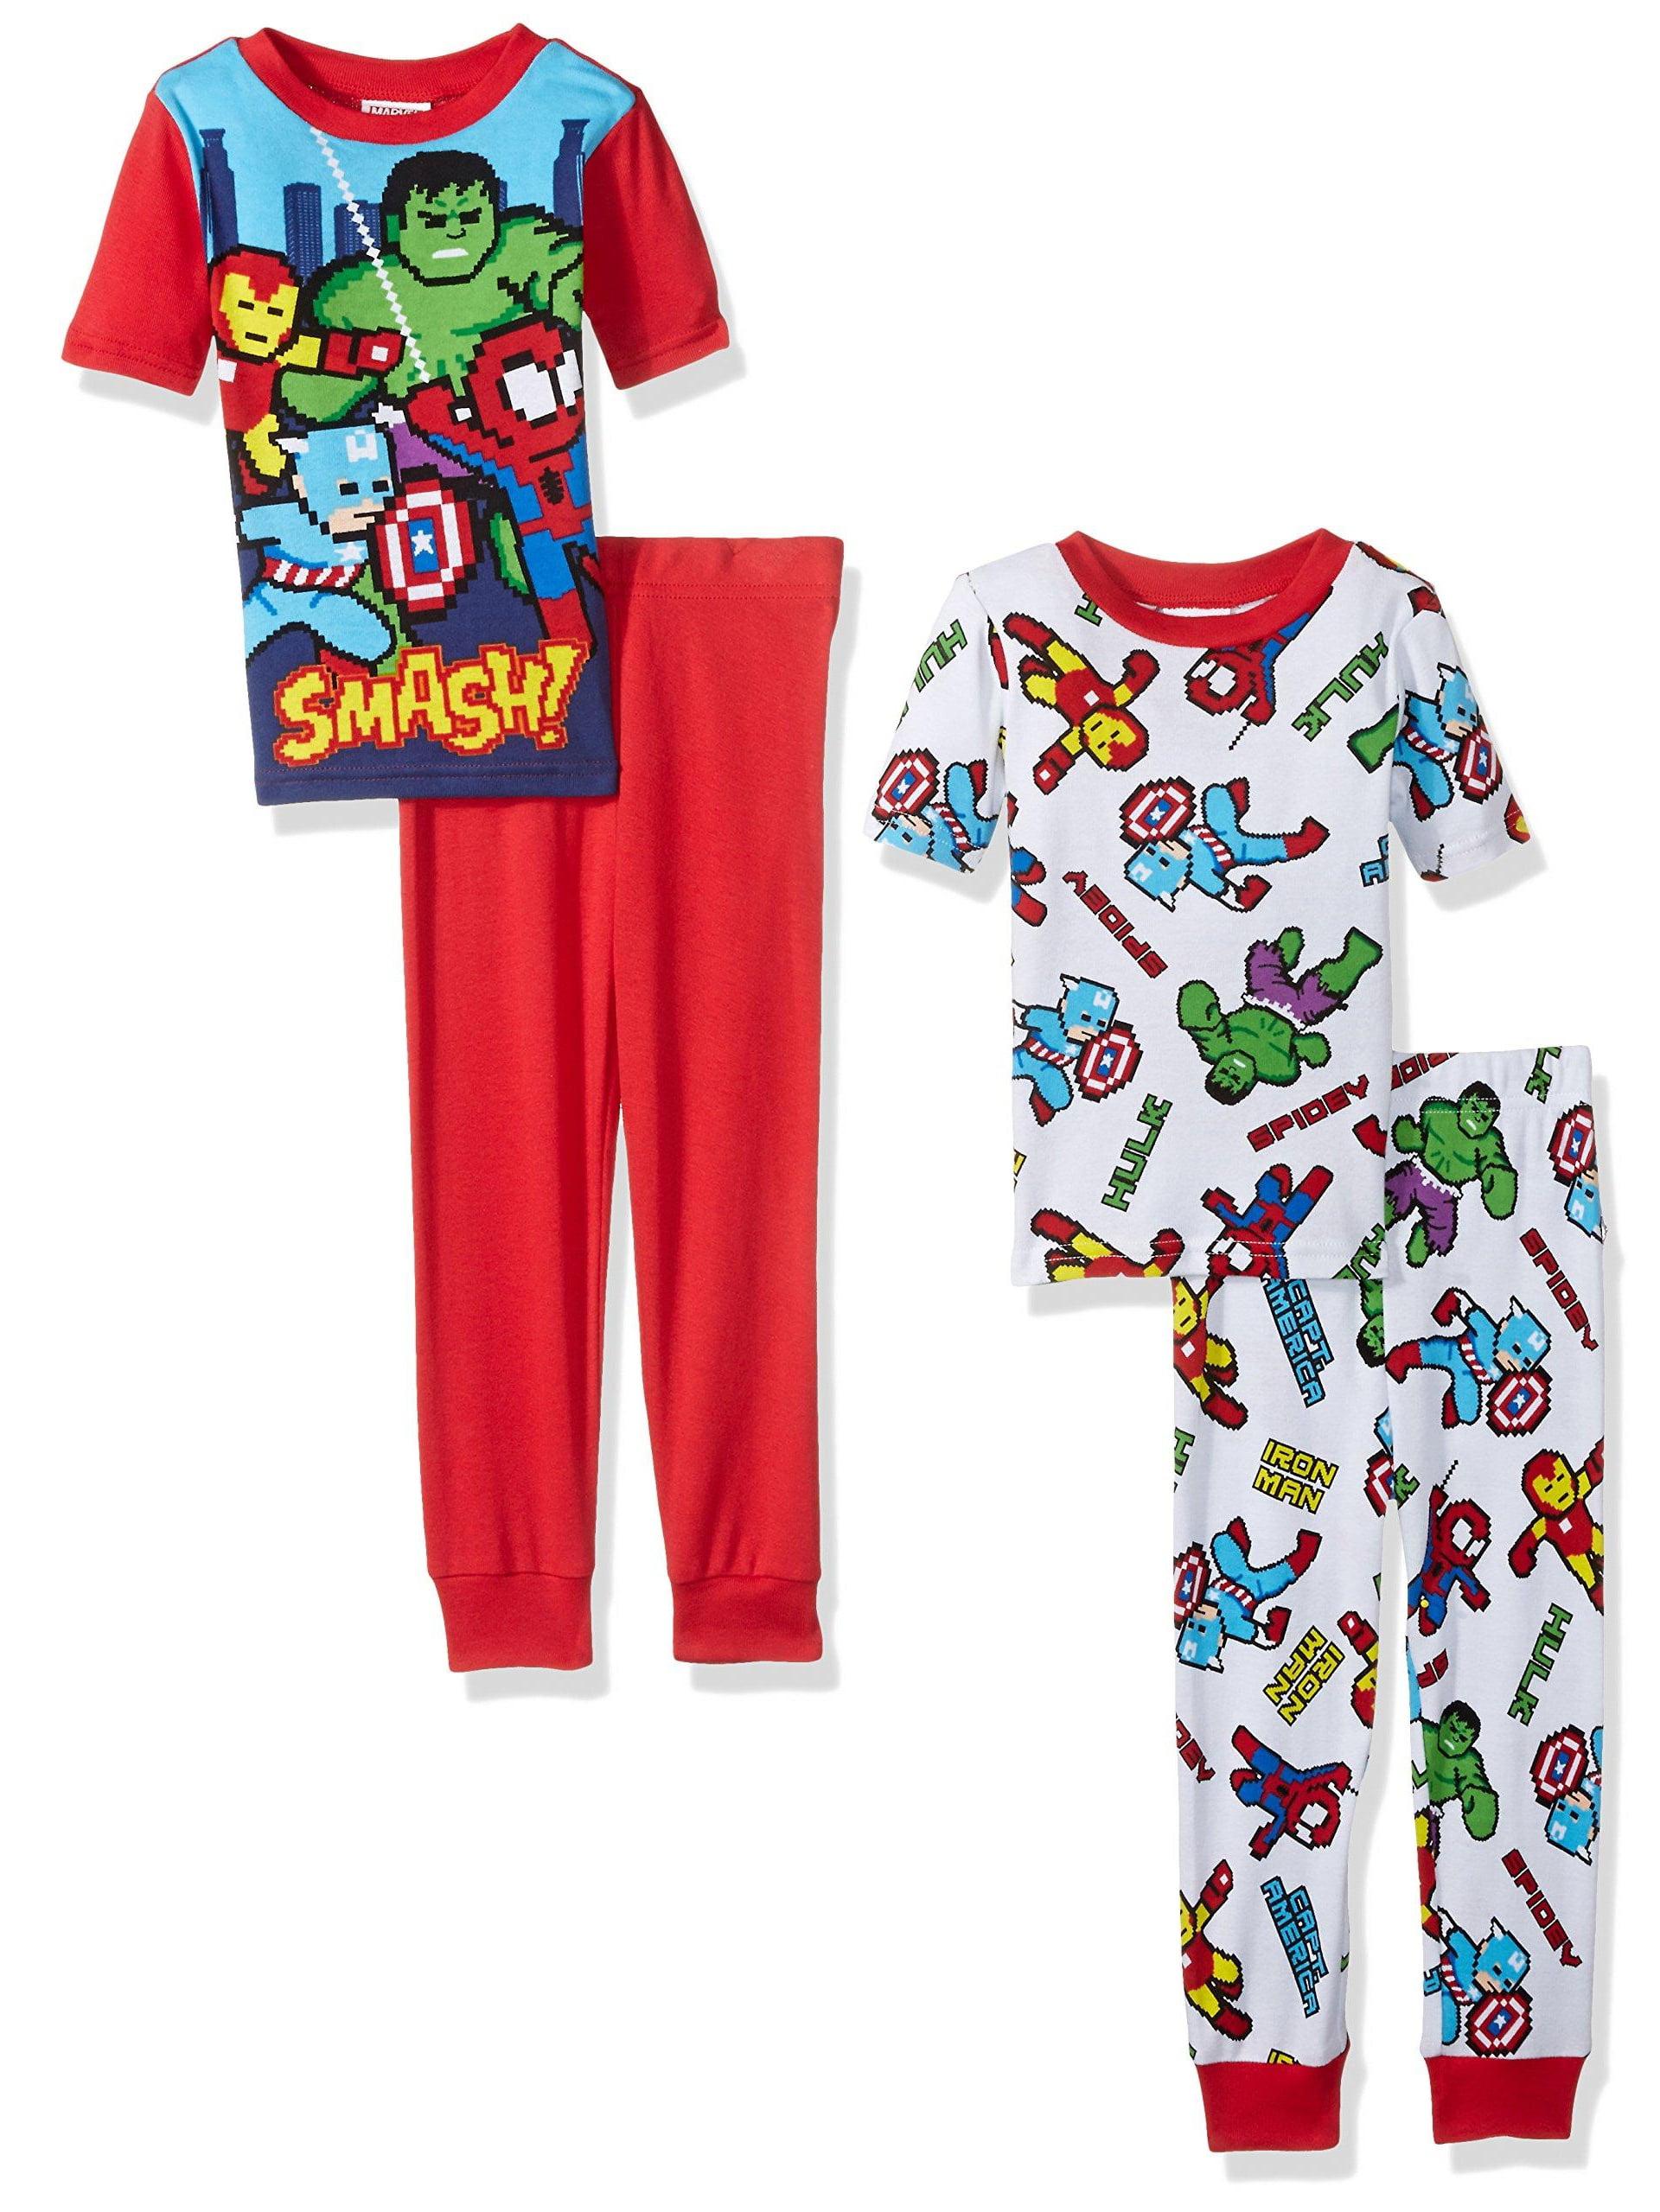 Marvel Boys' Superhero 4-Piece Cotton Pajama Set